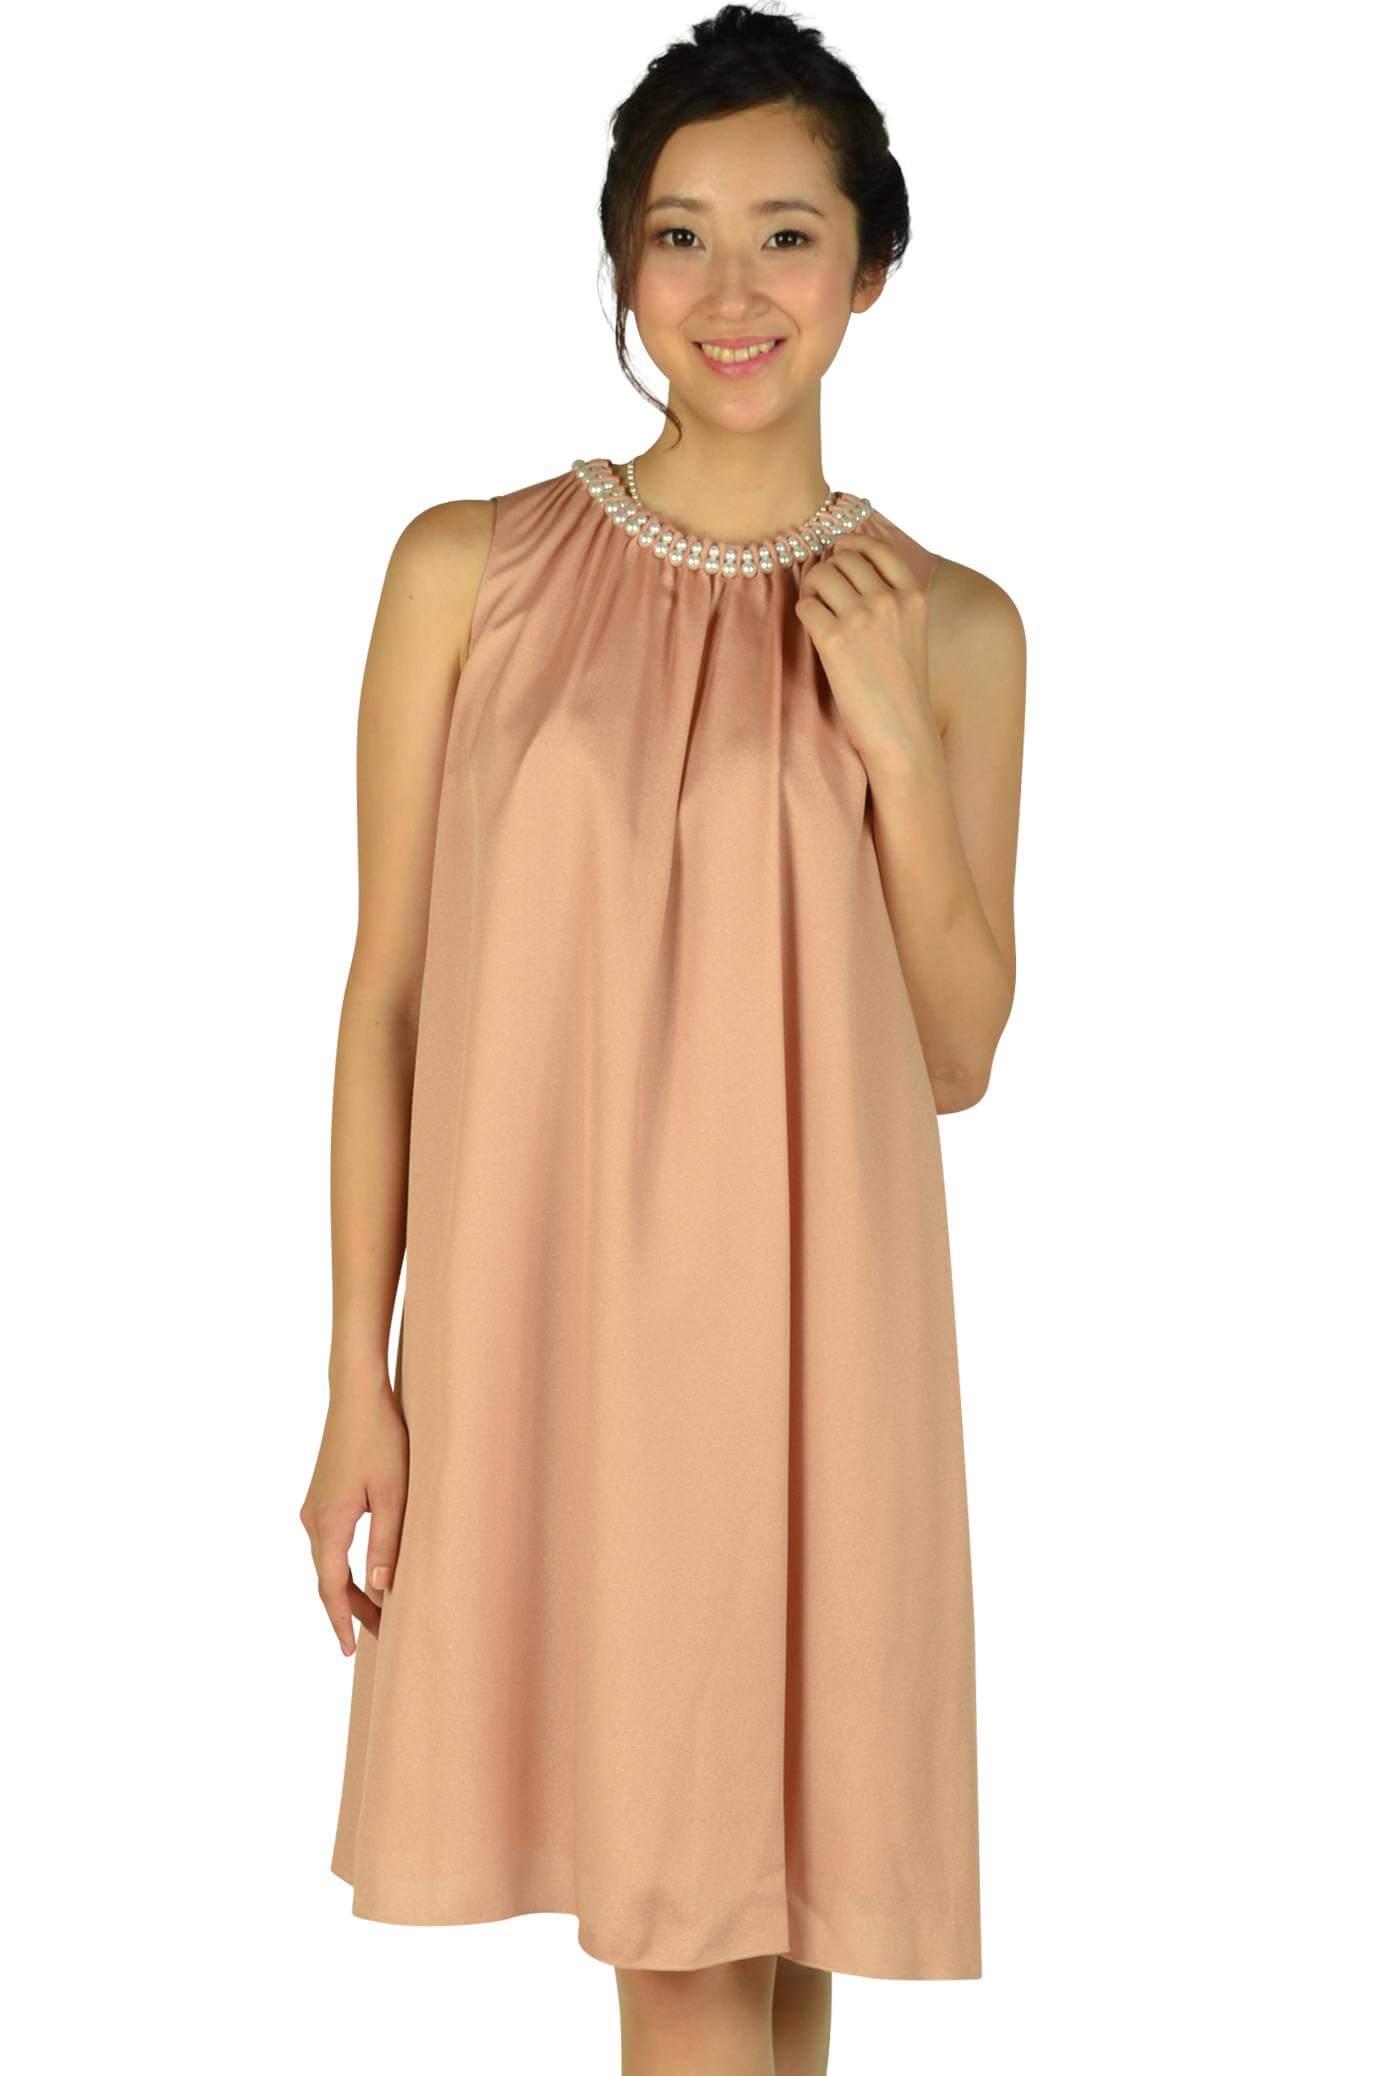 ストロベリーフィールズ(STRAWBERRY-FIELDS)パールビジュゴールドオレンジドレス